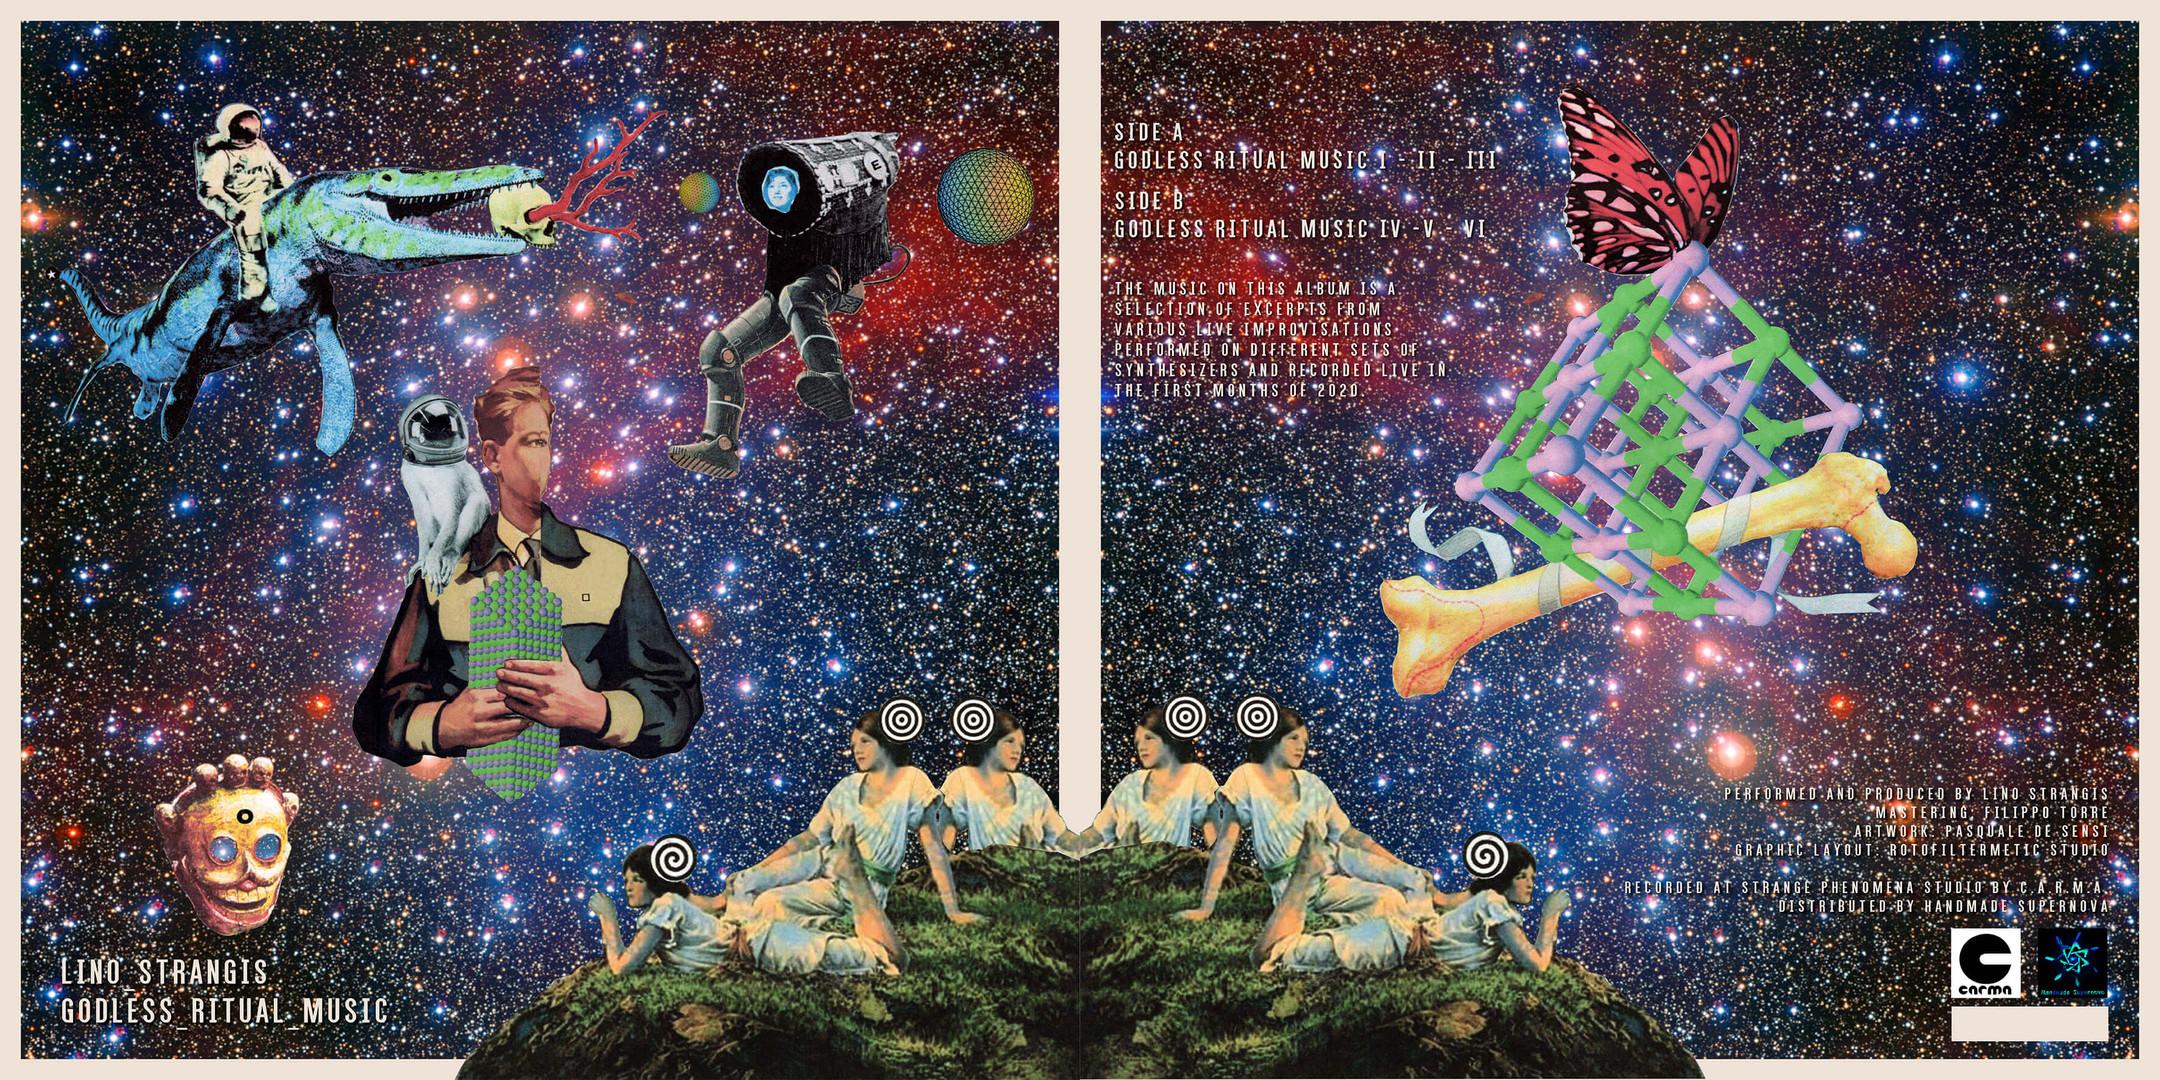 Lino Strangis, Godless ritual music, cov